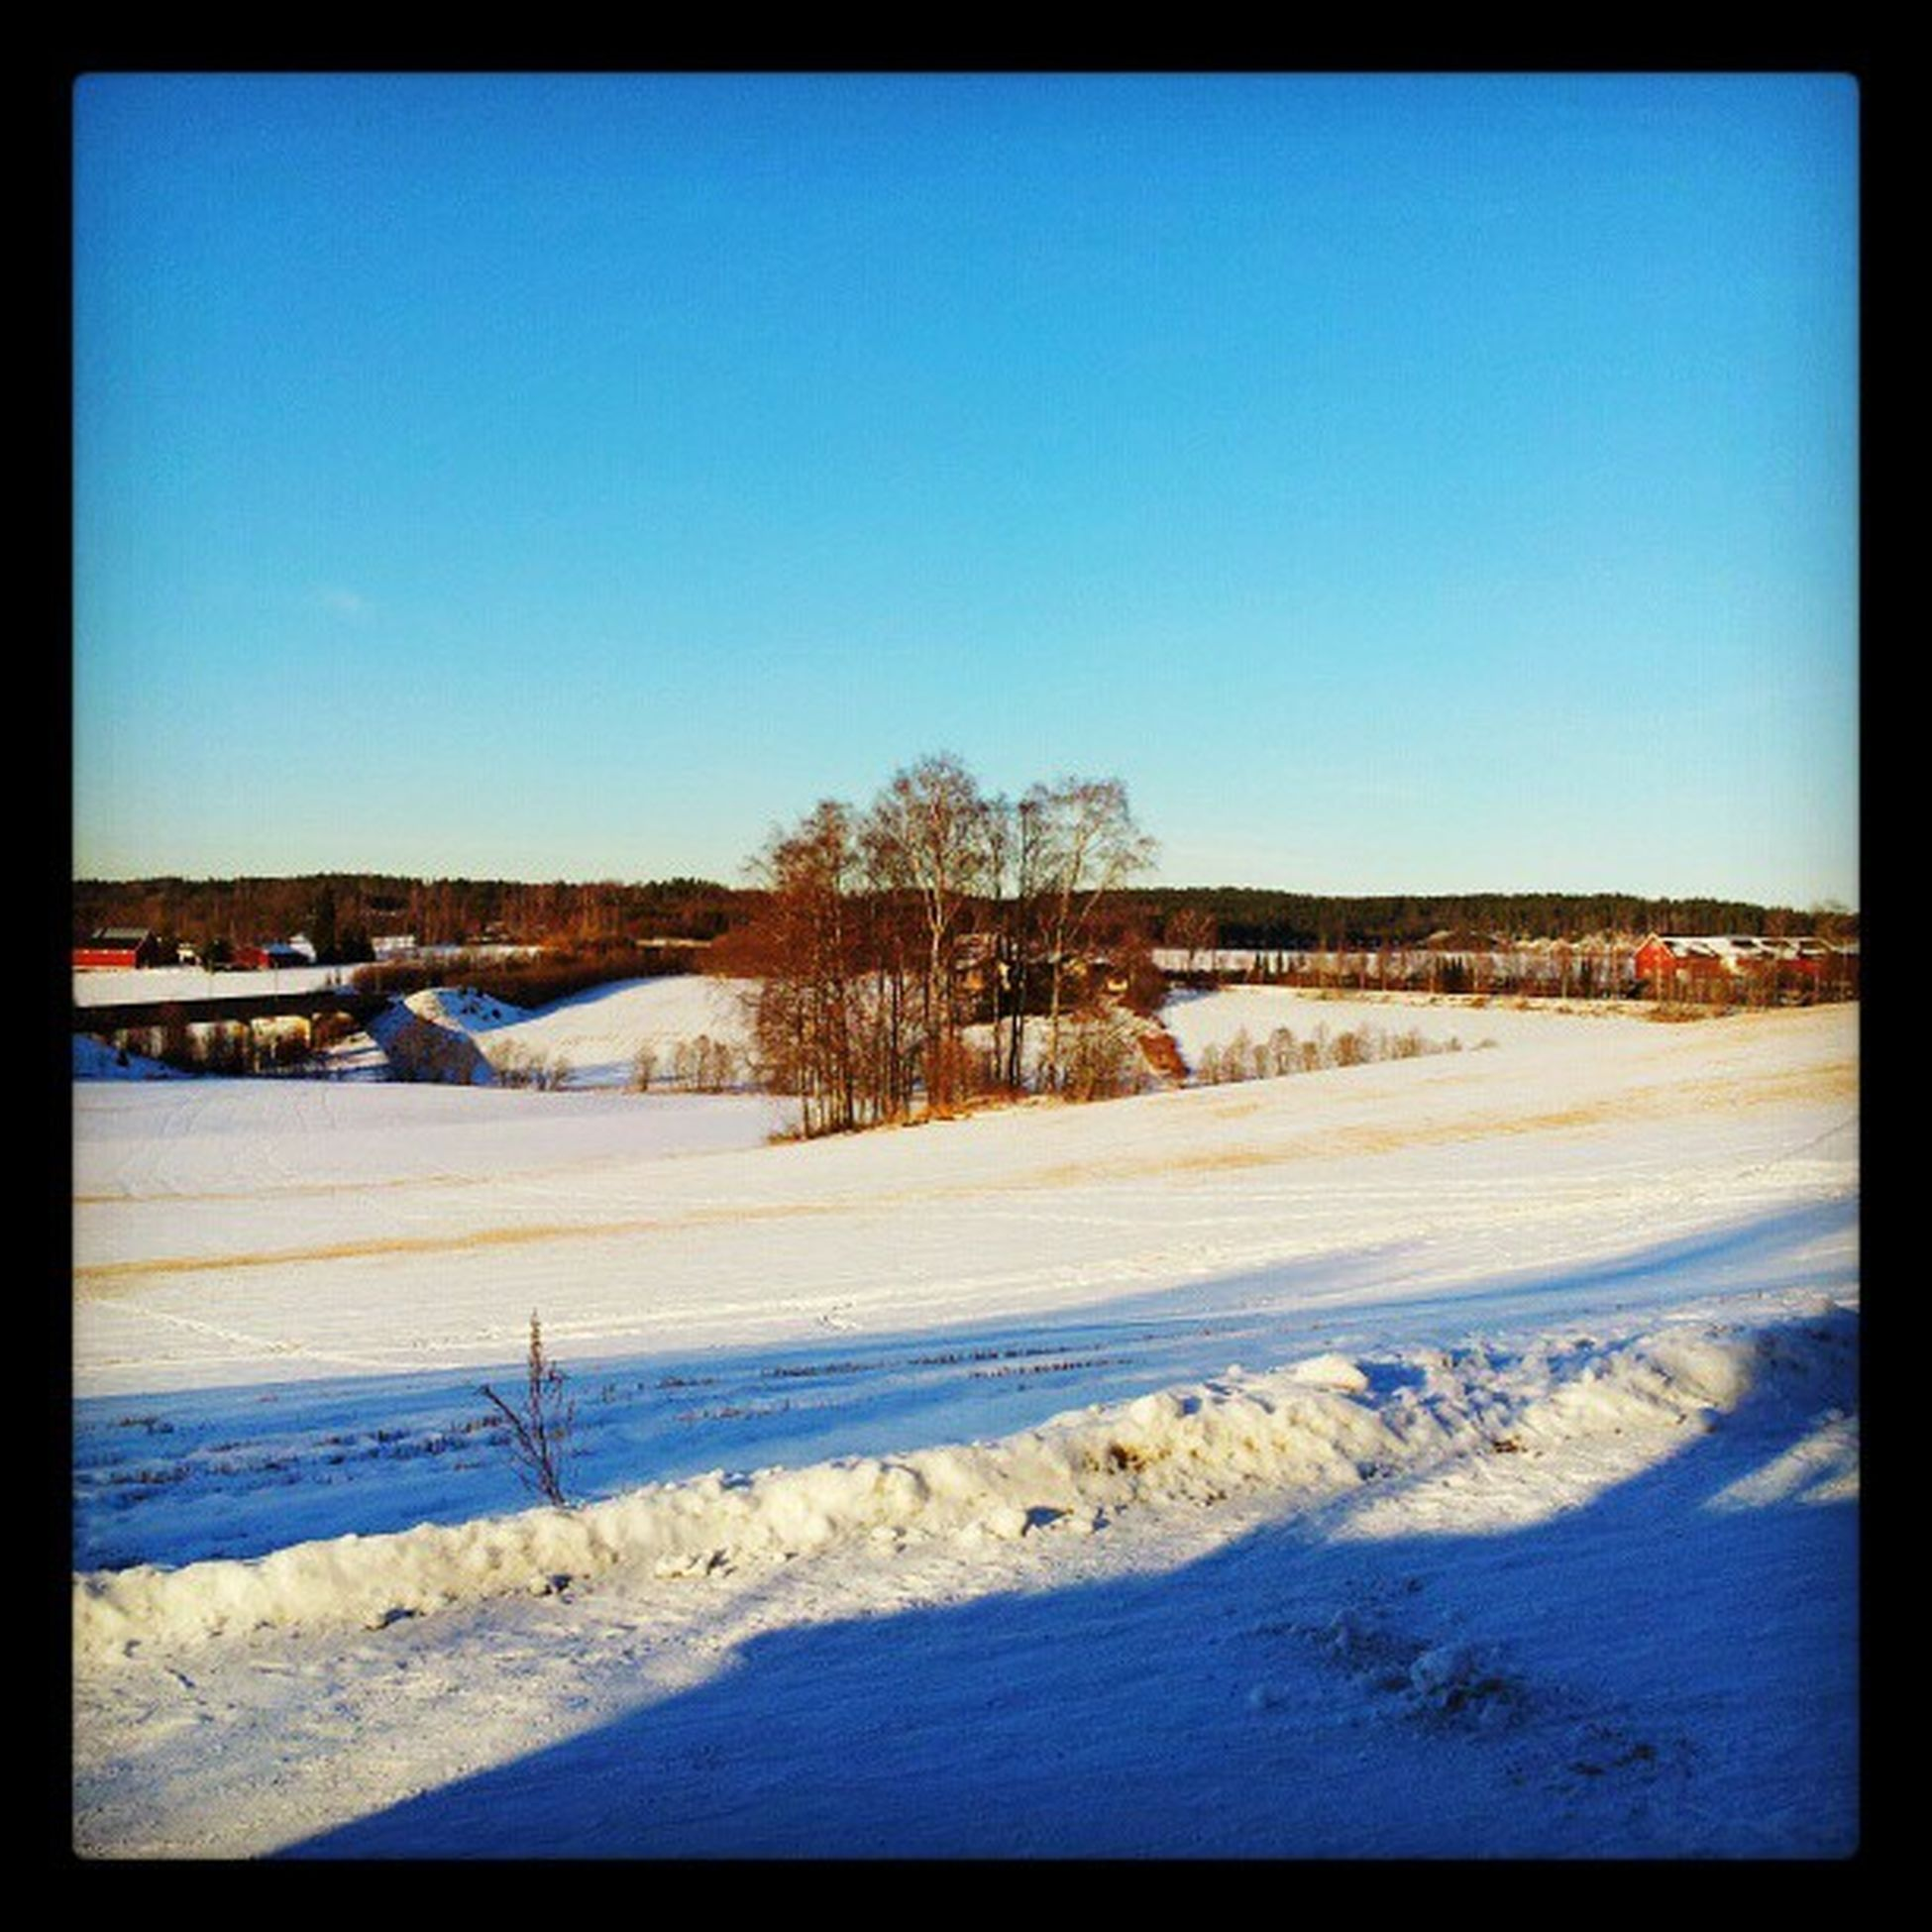 Holstad BL åhimmel Sn ø Sunshine solskinn snow road tracks fields trees countryside norway norge akershus